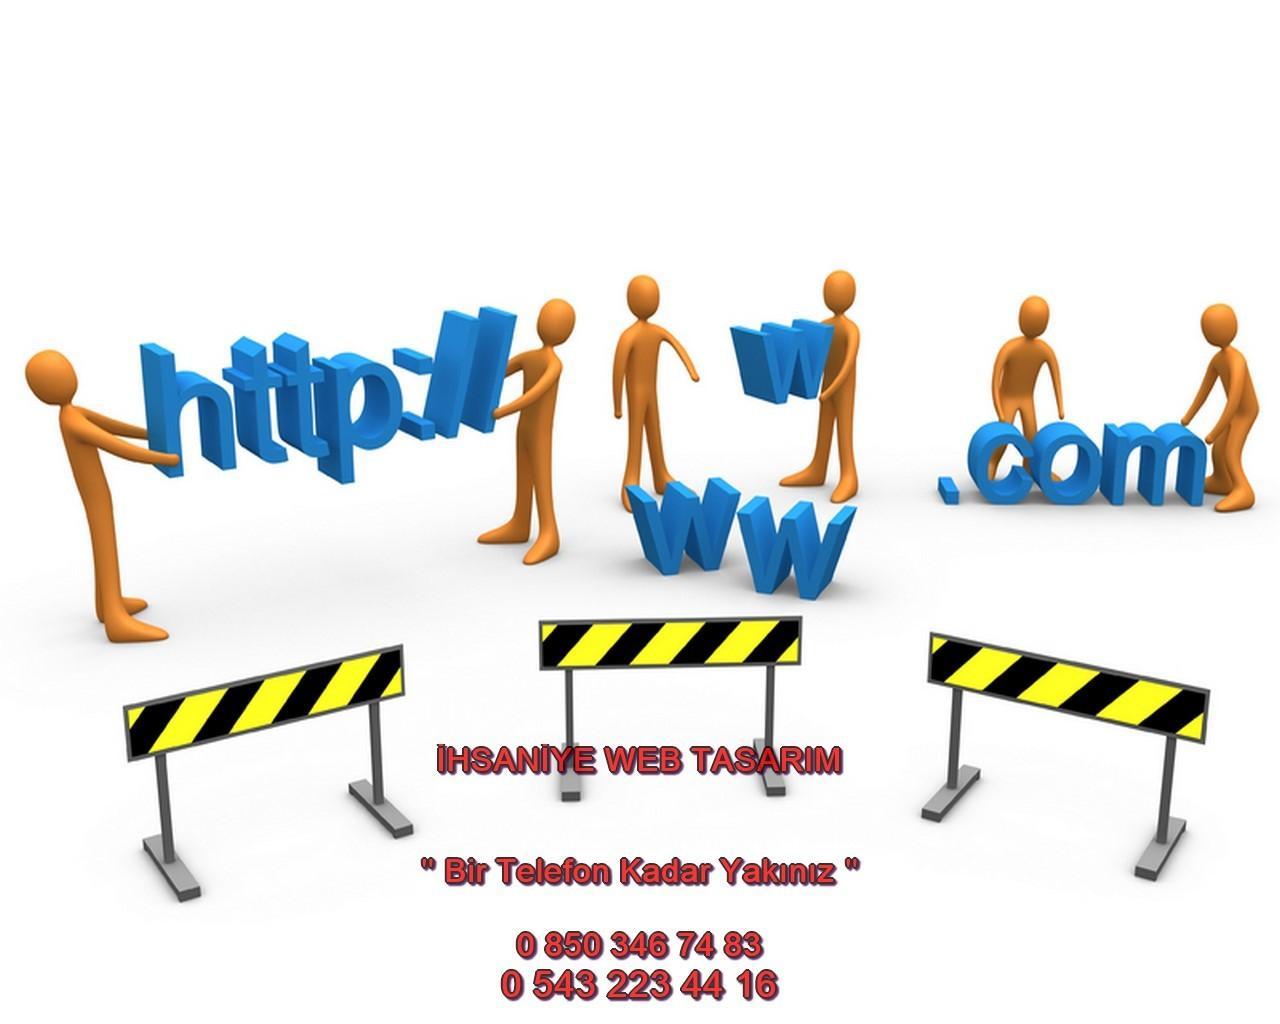 İhsaniye Web Tasarım